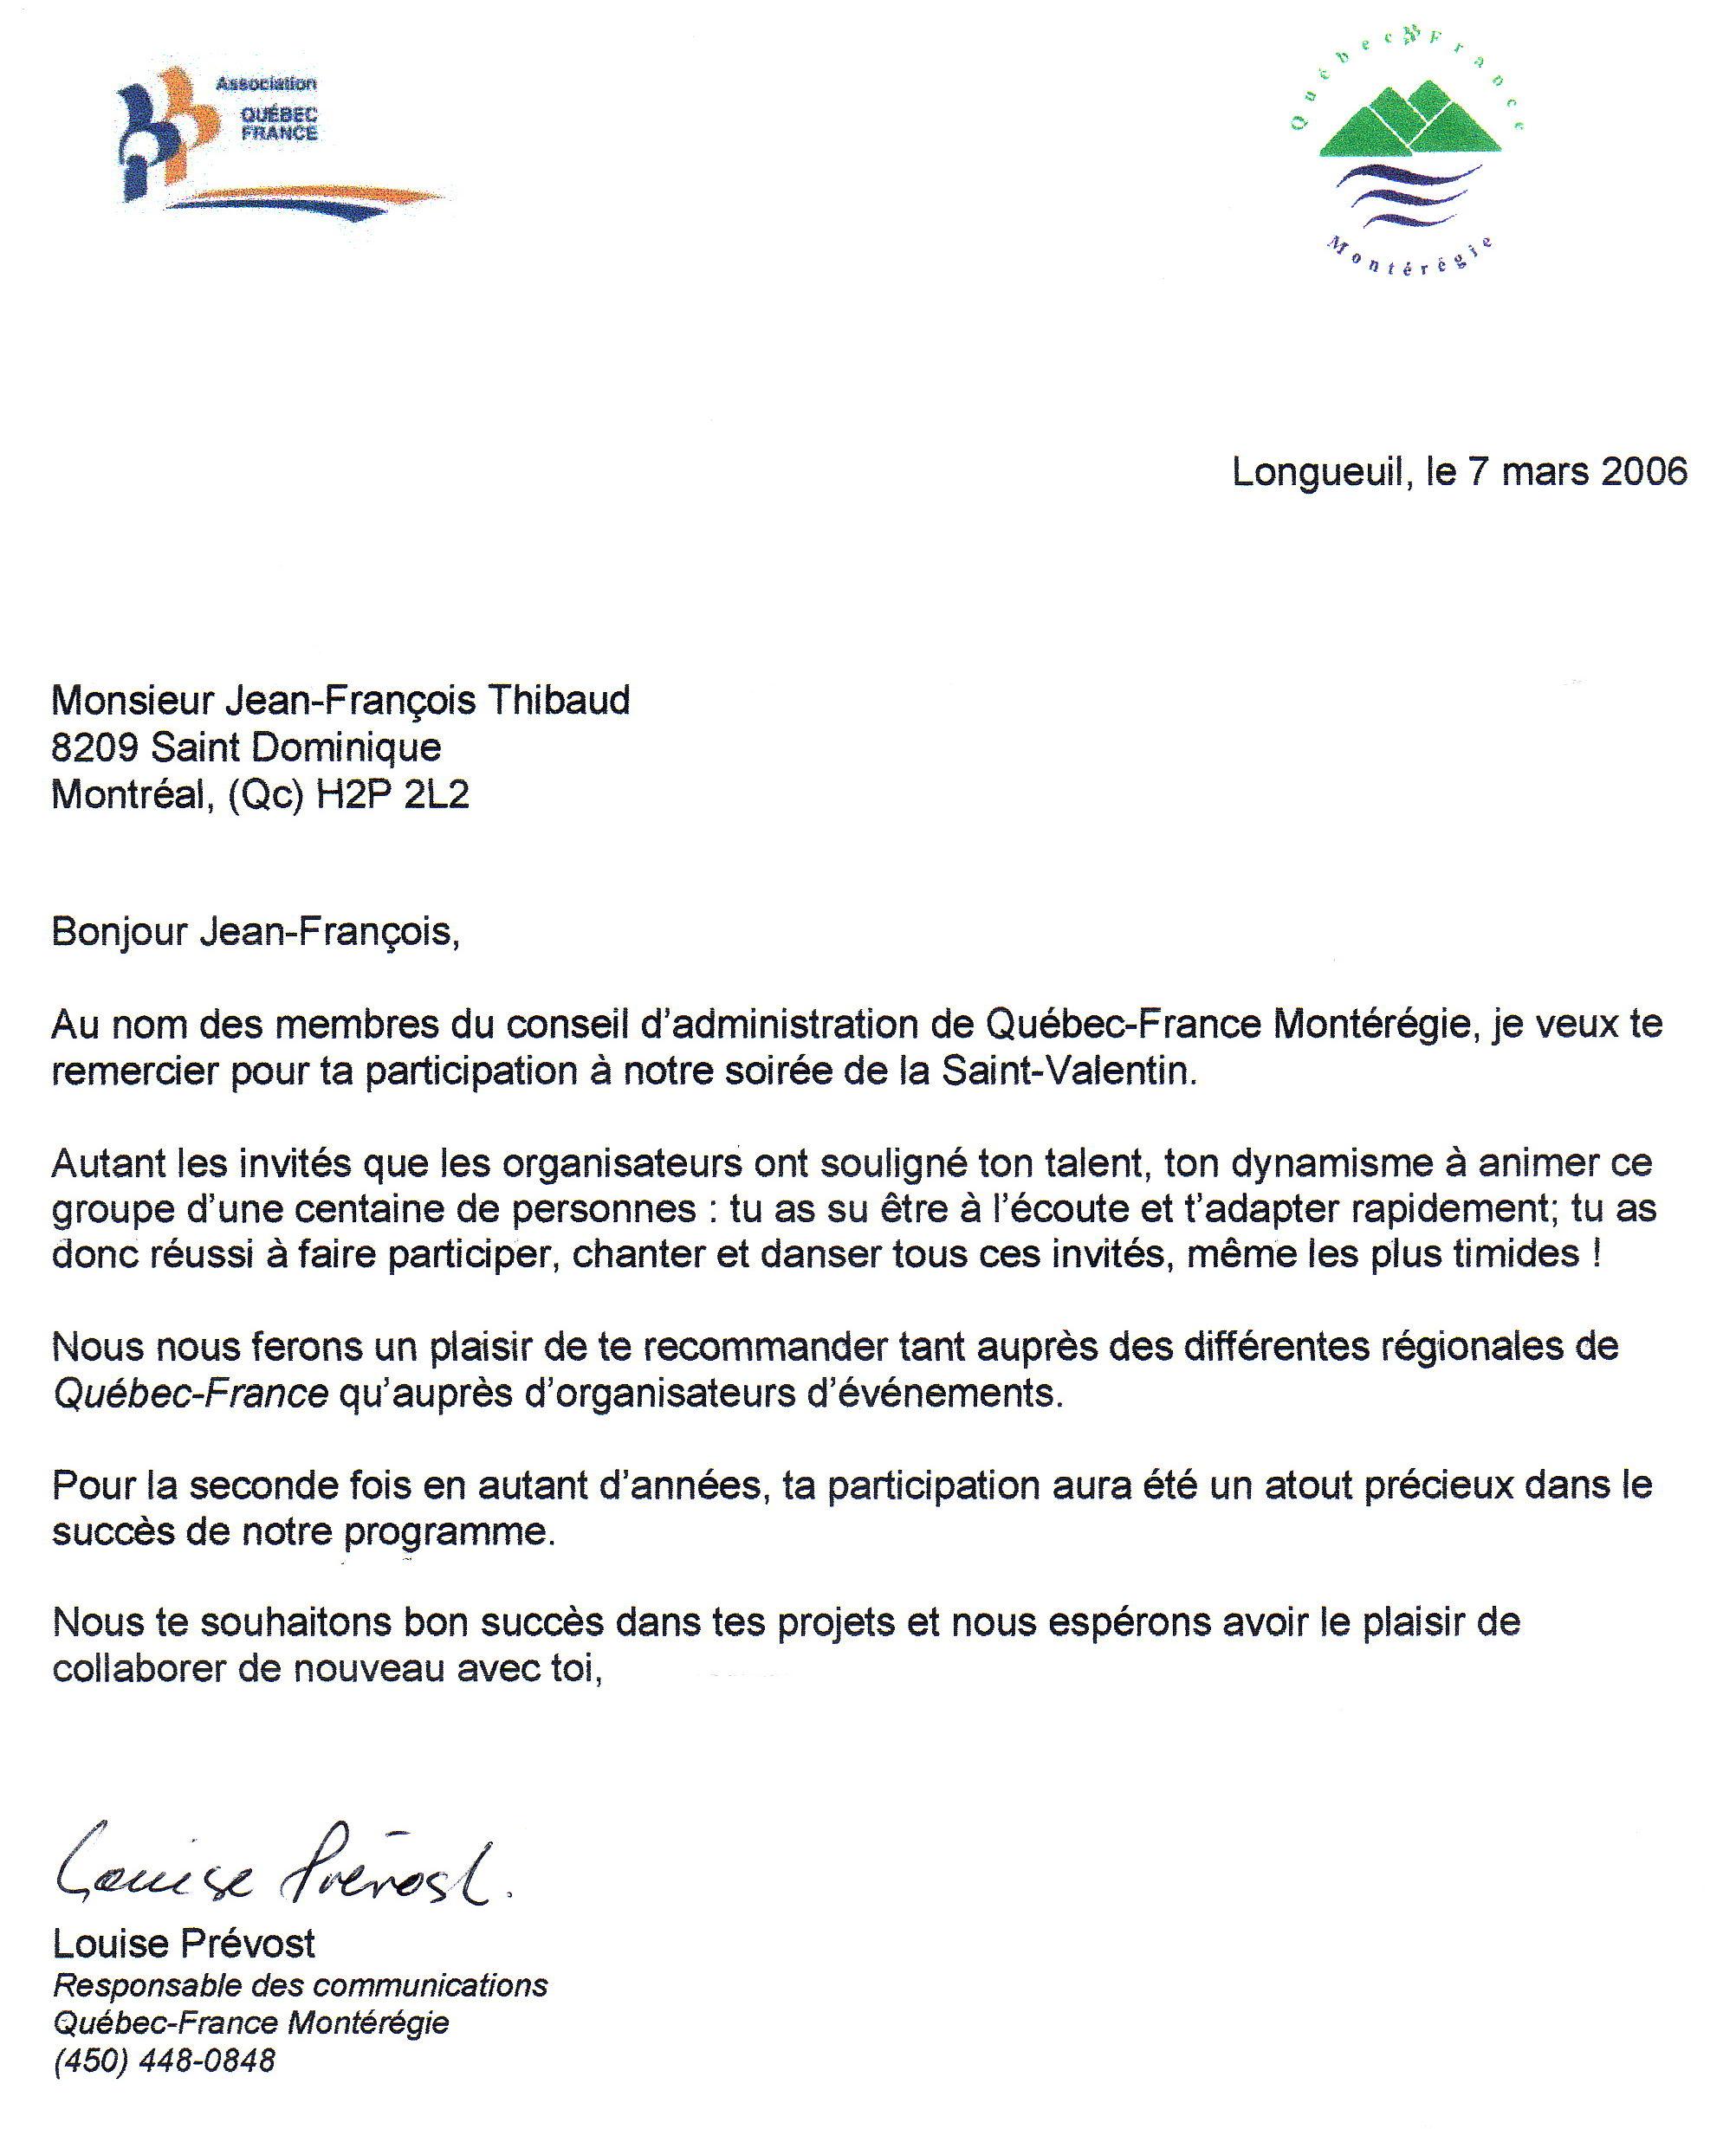 Québec-France